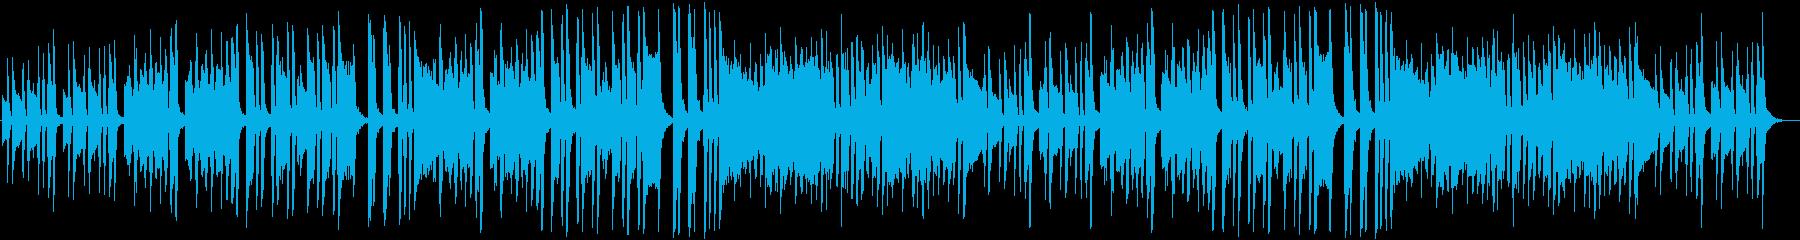 不気味でコミカルなクラシック曲の再生済みの波形